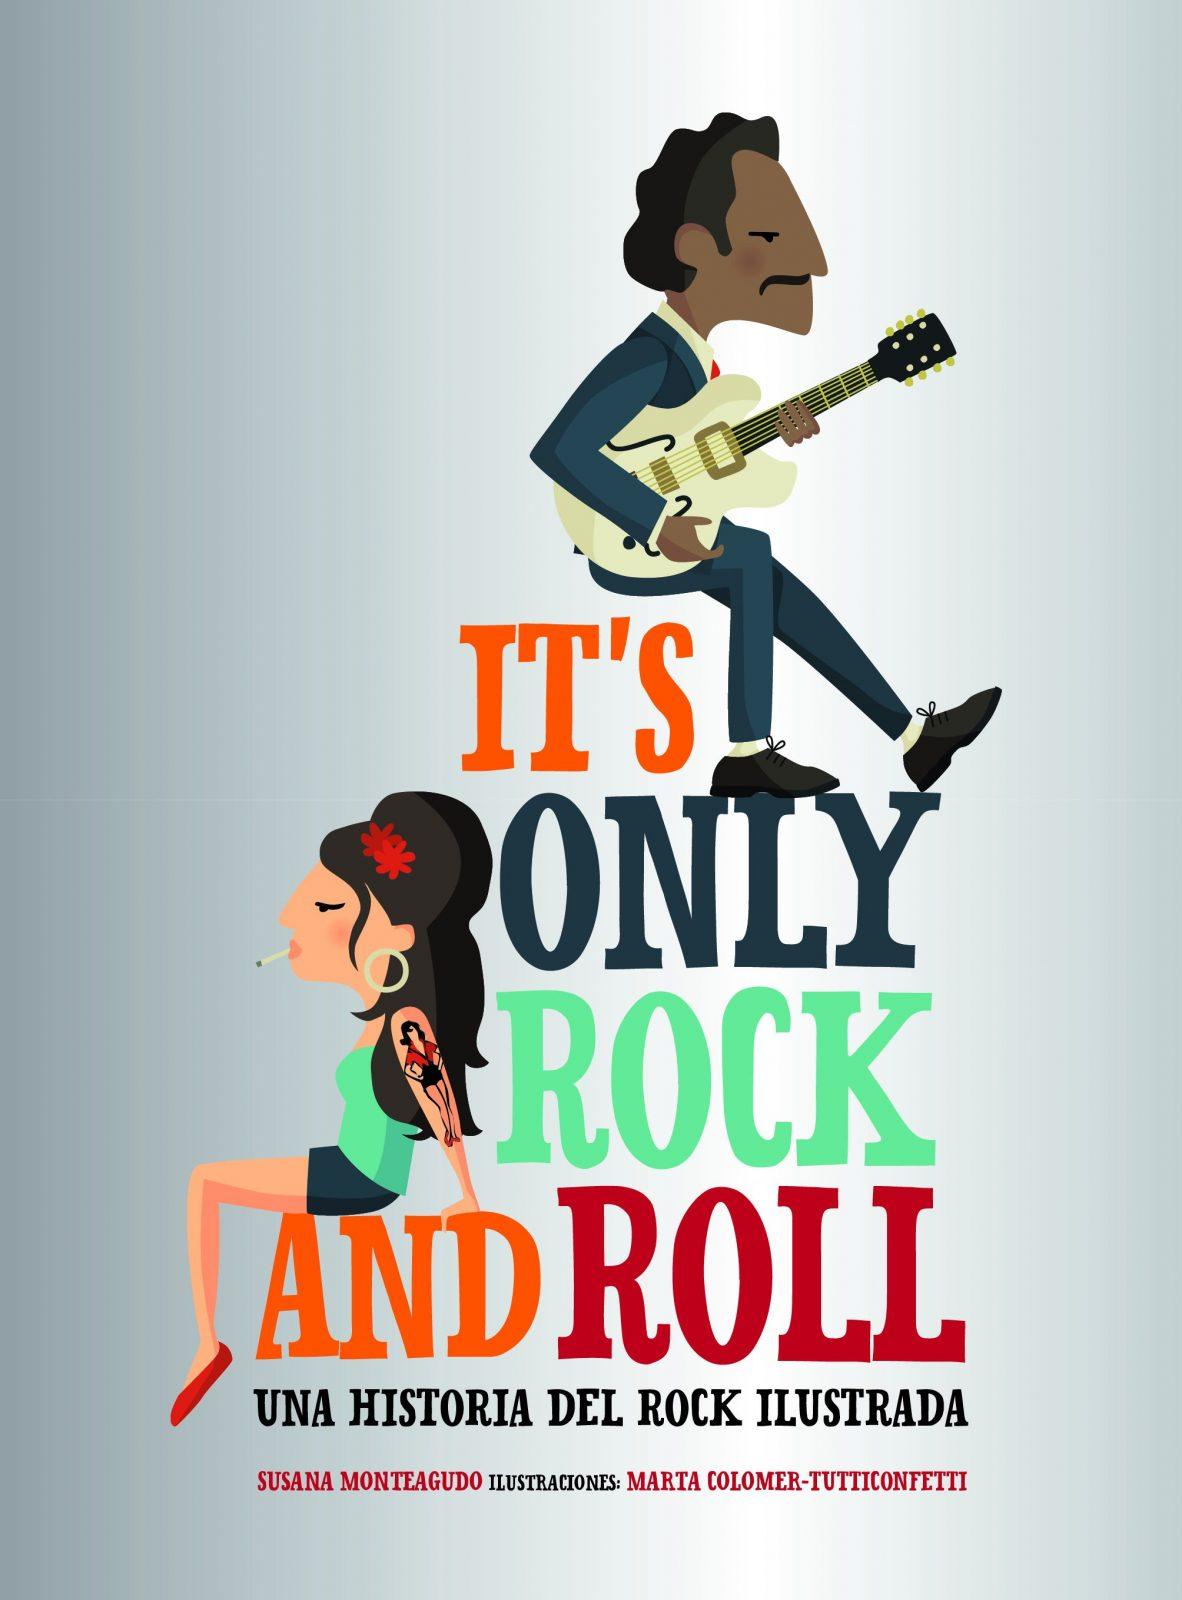 Reseña: ¿Sólo rock and roll?